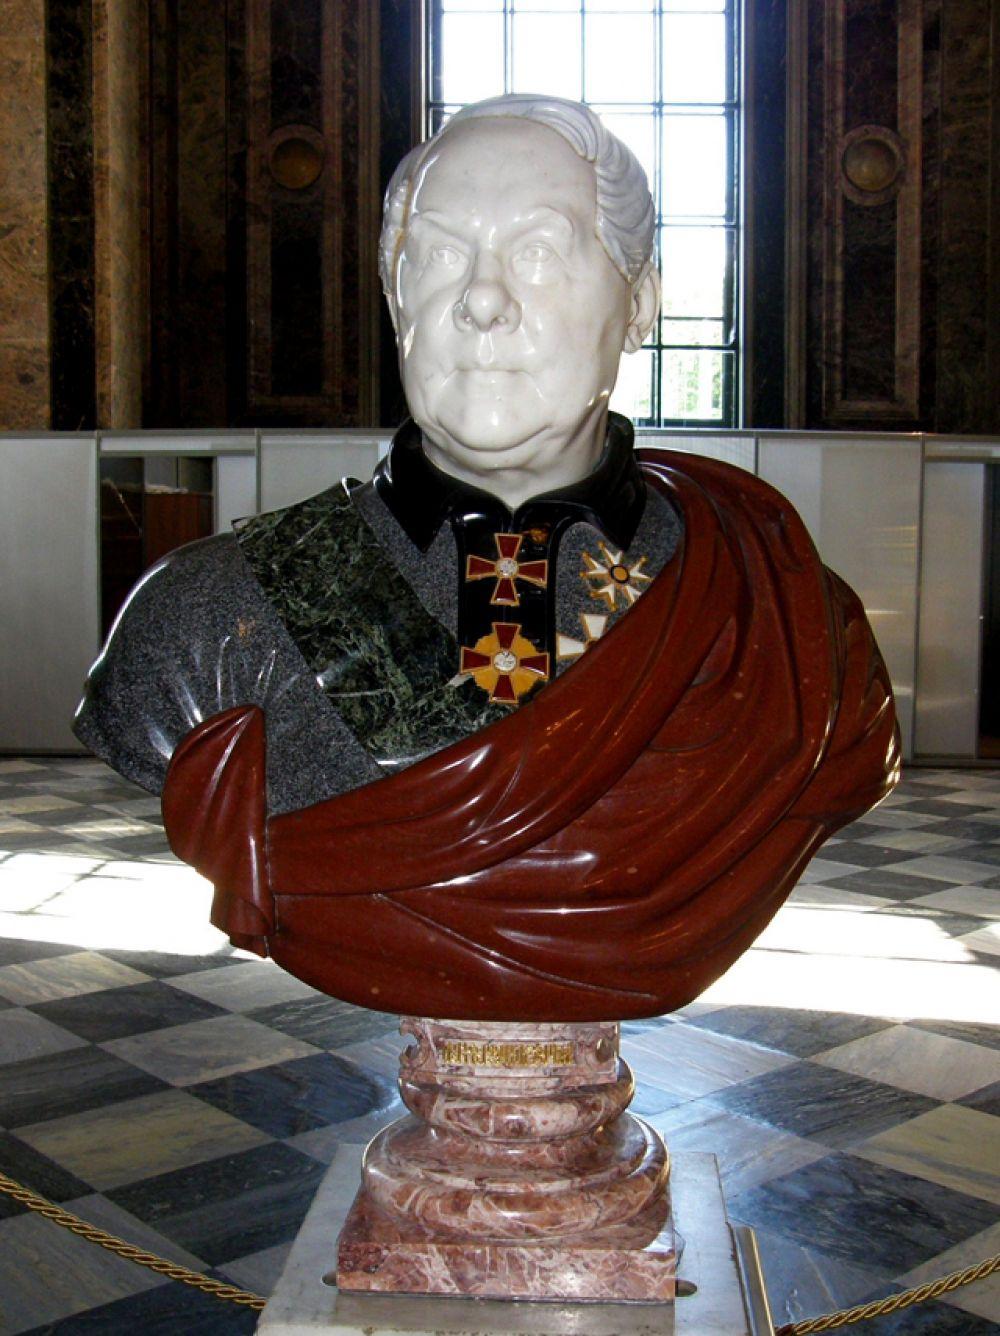 Внутри собора находится бюст архитектора Огюста Монферрана работы скульптора Фалетти из разных пород камня, использованных при облицовке собора.